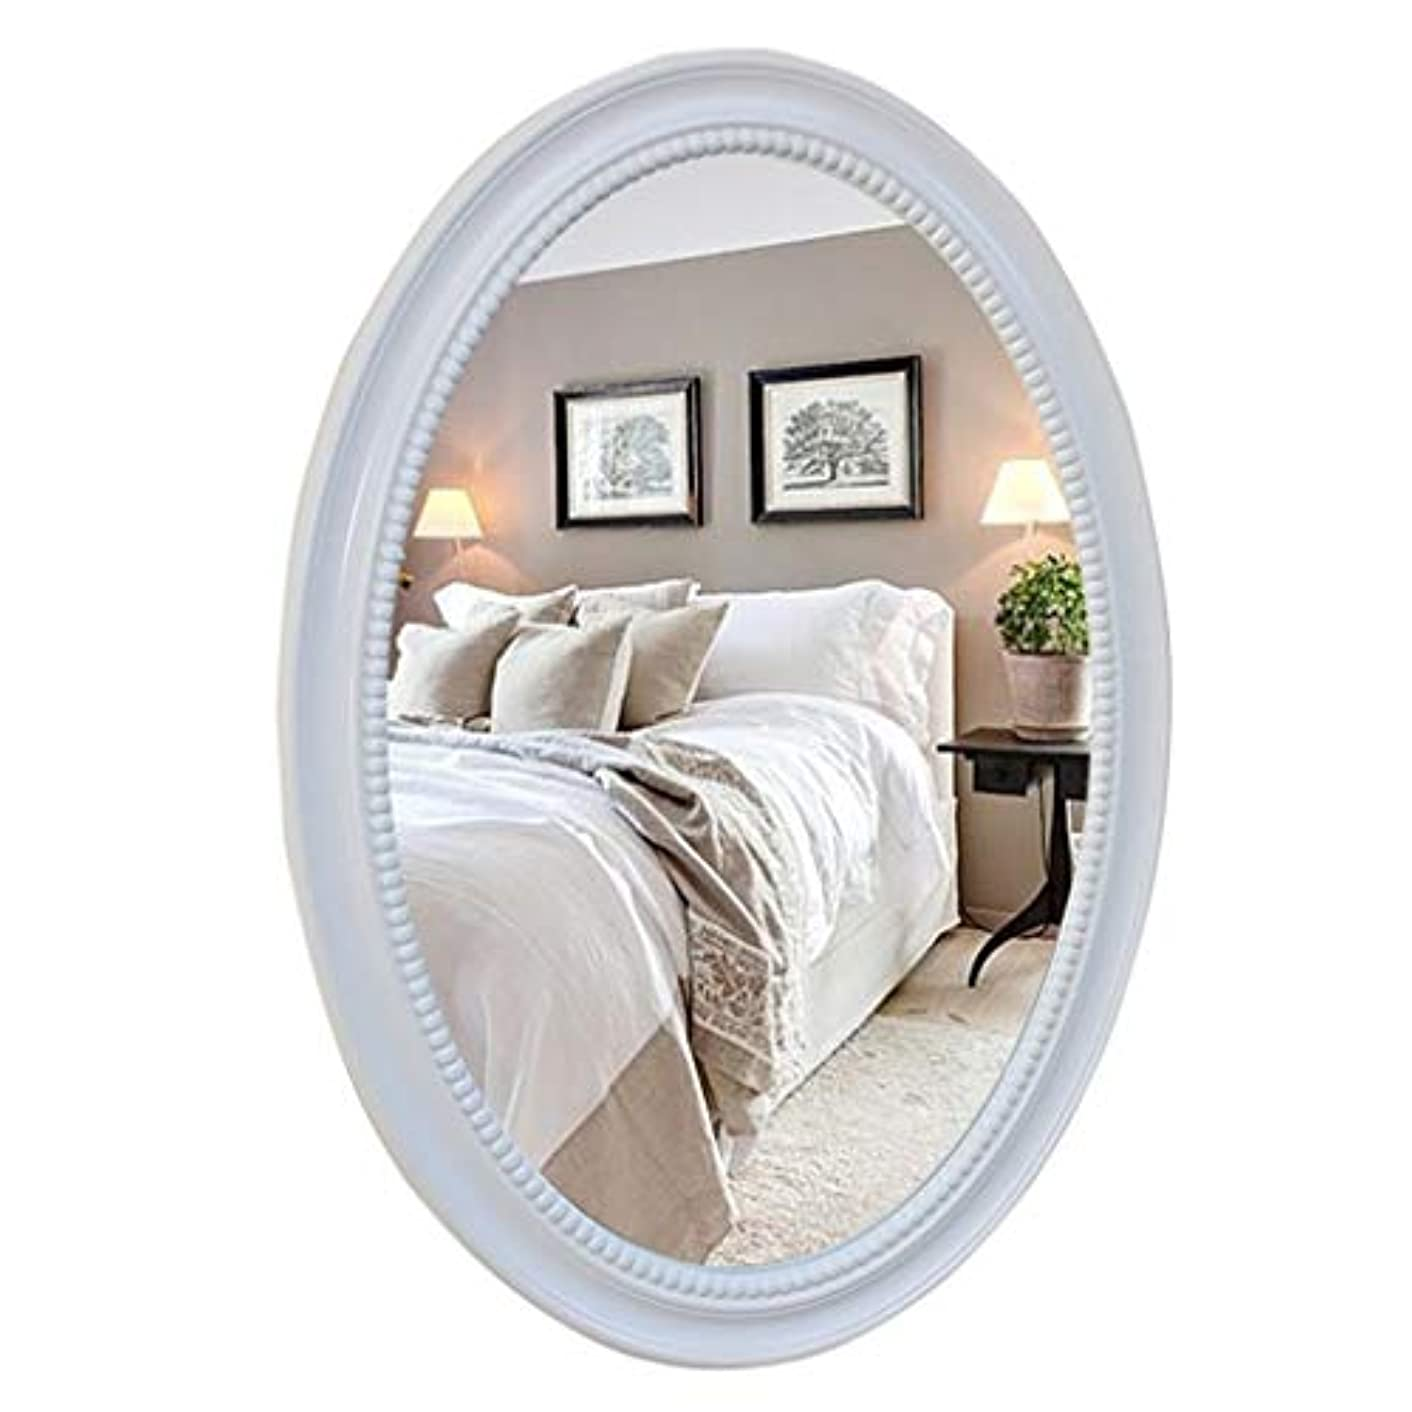 味方増強する特別にオーバルウォールミラーバスルーム化粧ドレッシングミラー装飾的な剃毛アイアンミラー大型虚栄心アパートリビングルーム寝室の出入り口木製フレーム